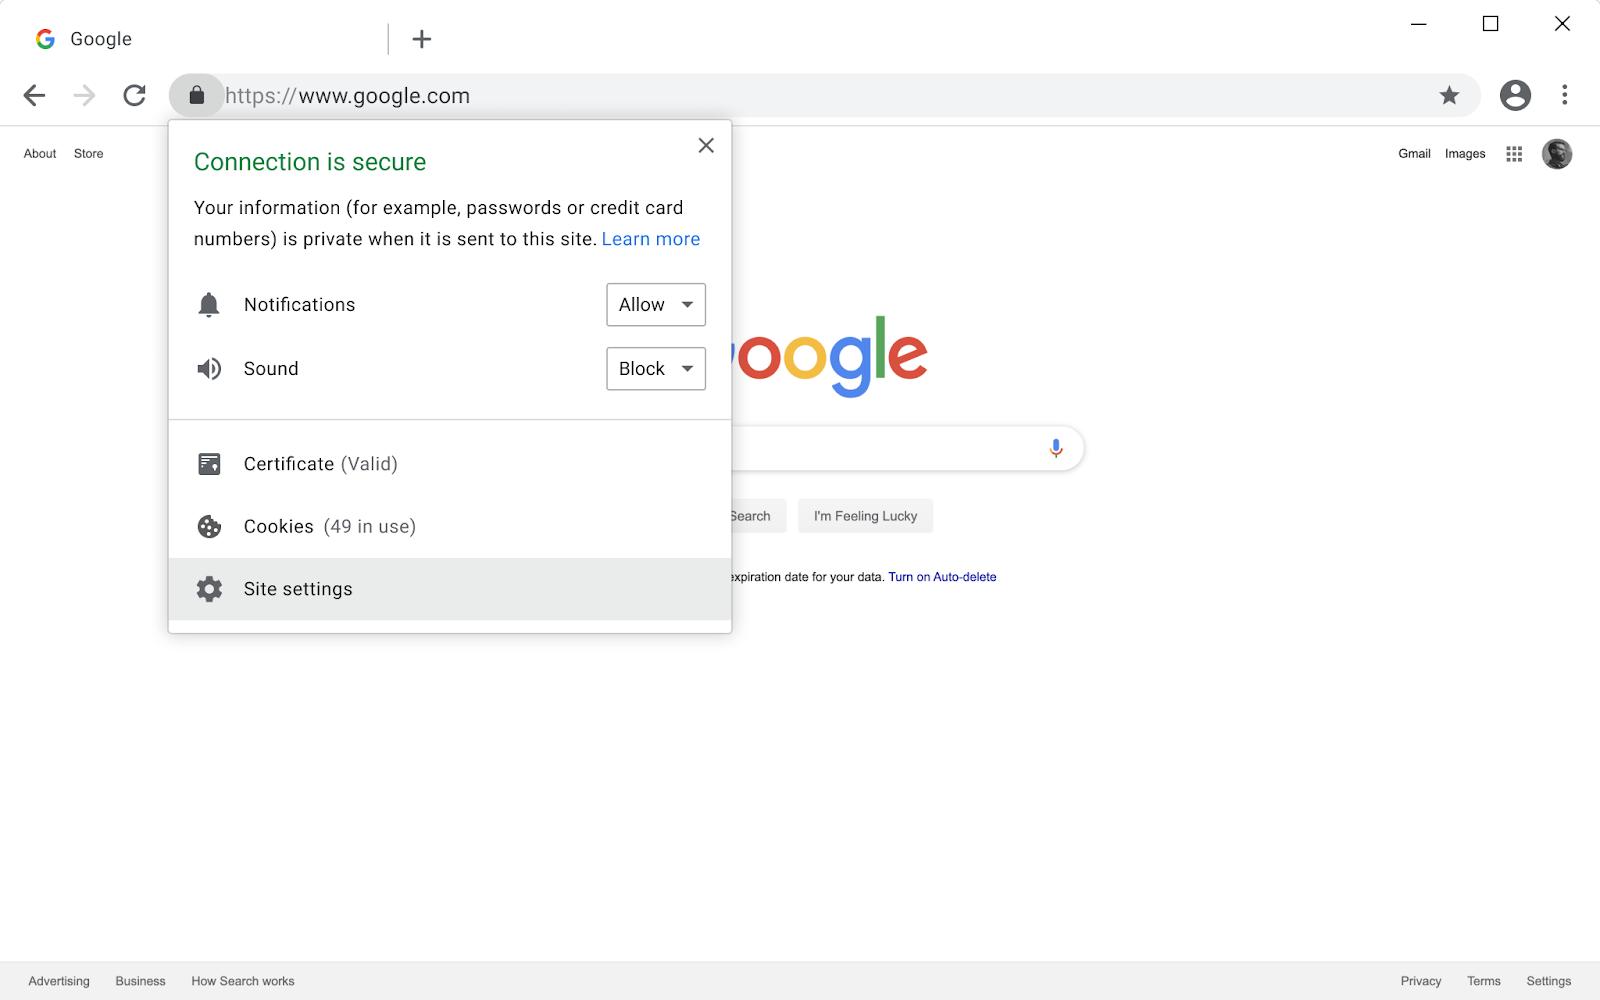 как отключить в Chrome блокировку смешанного небезопасного контента